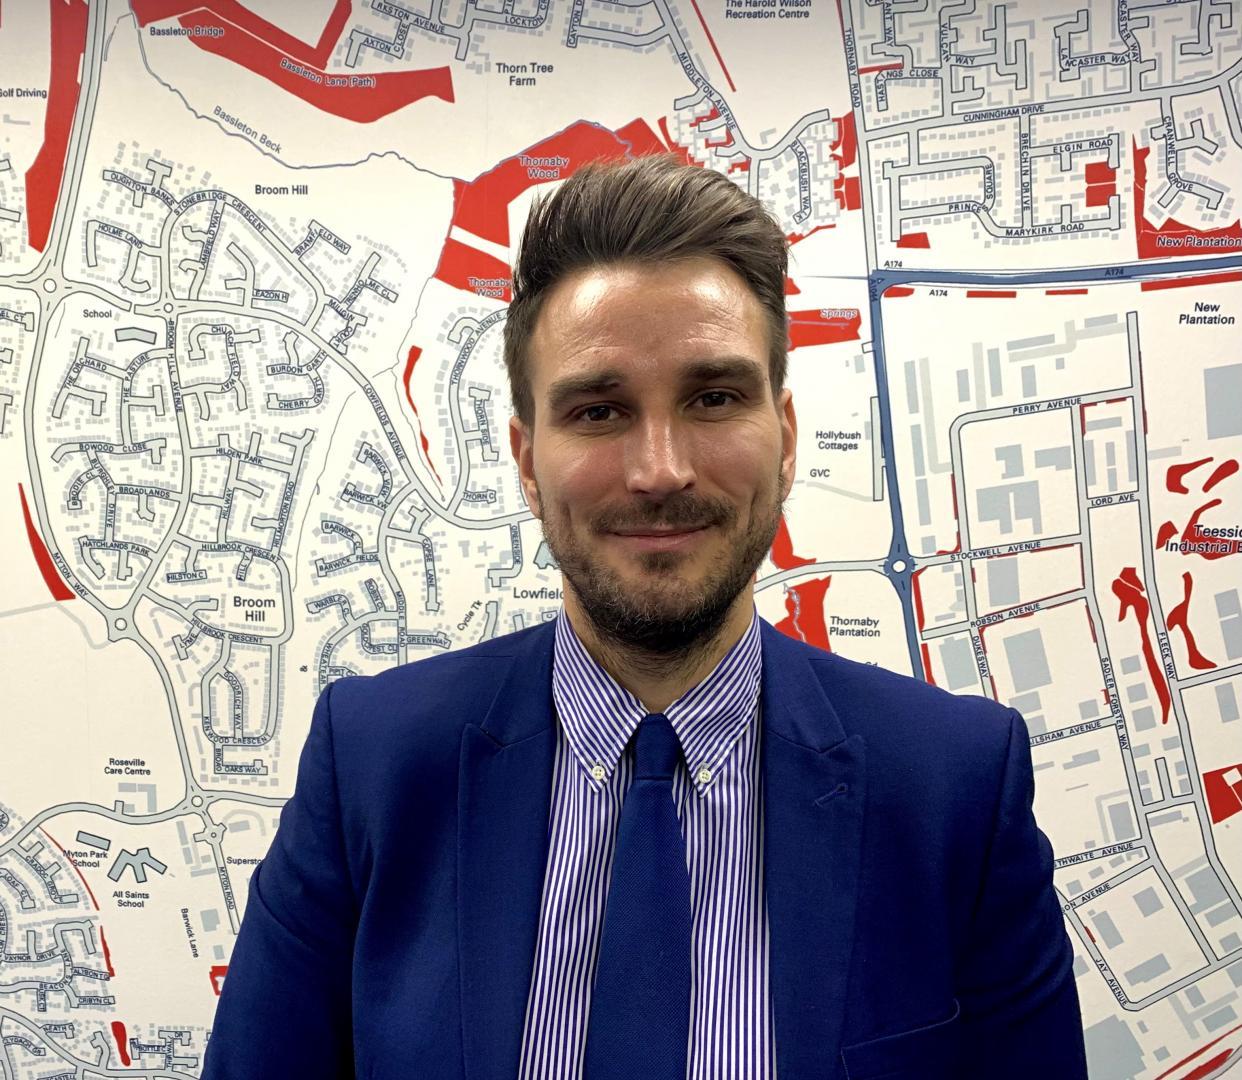 Property brought to market by Darren Horrigan